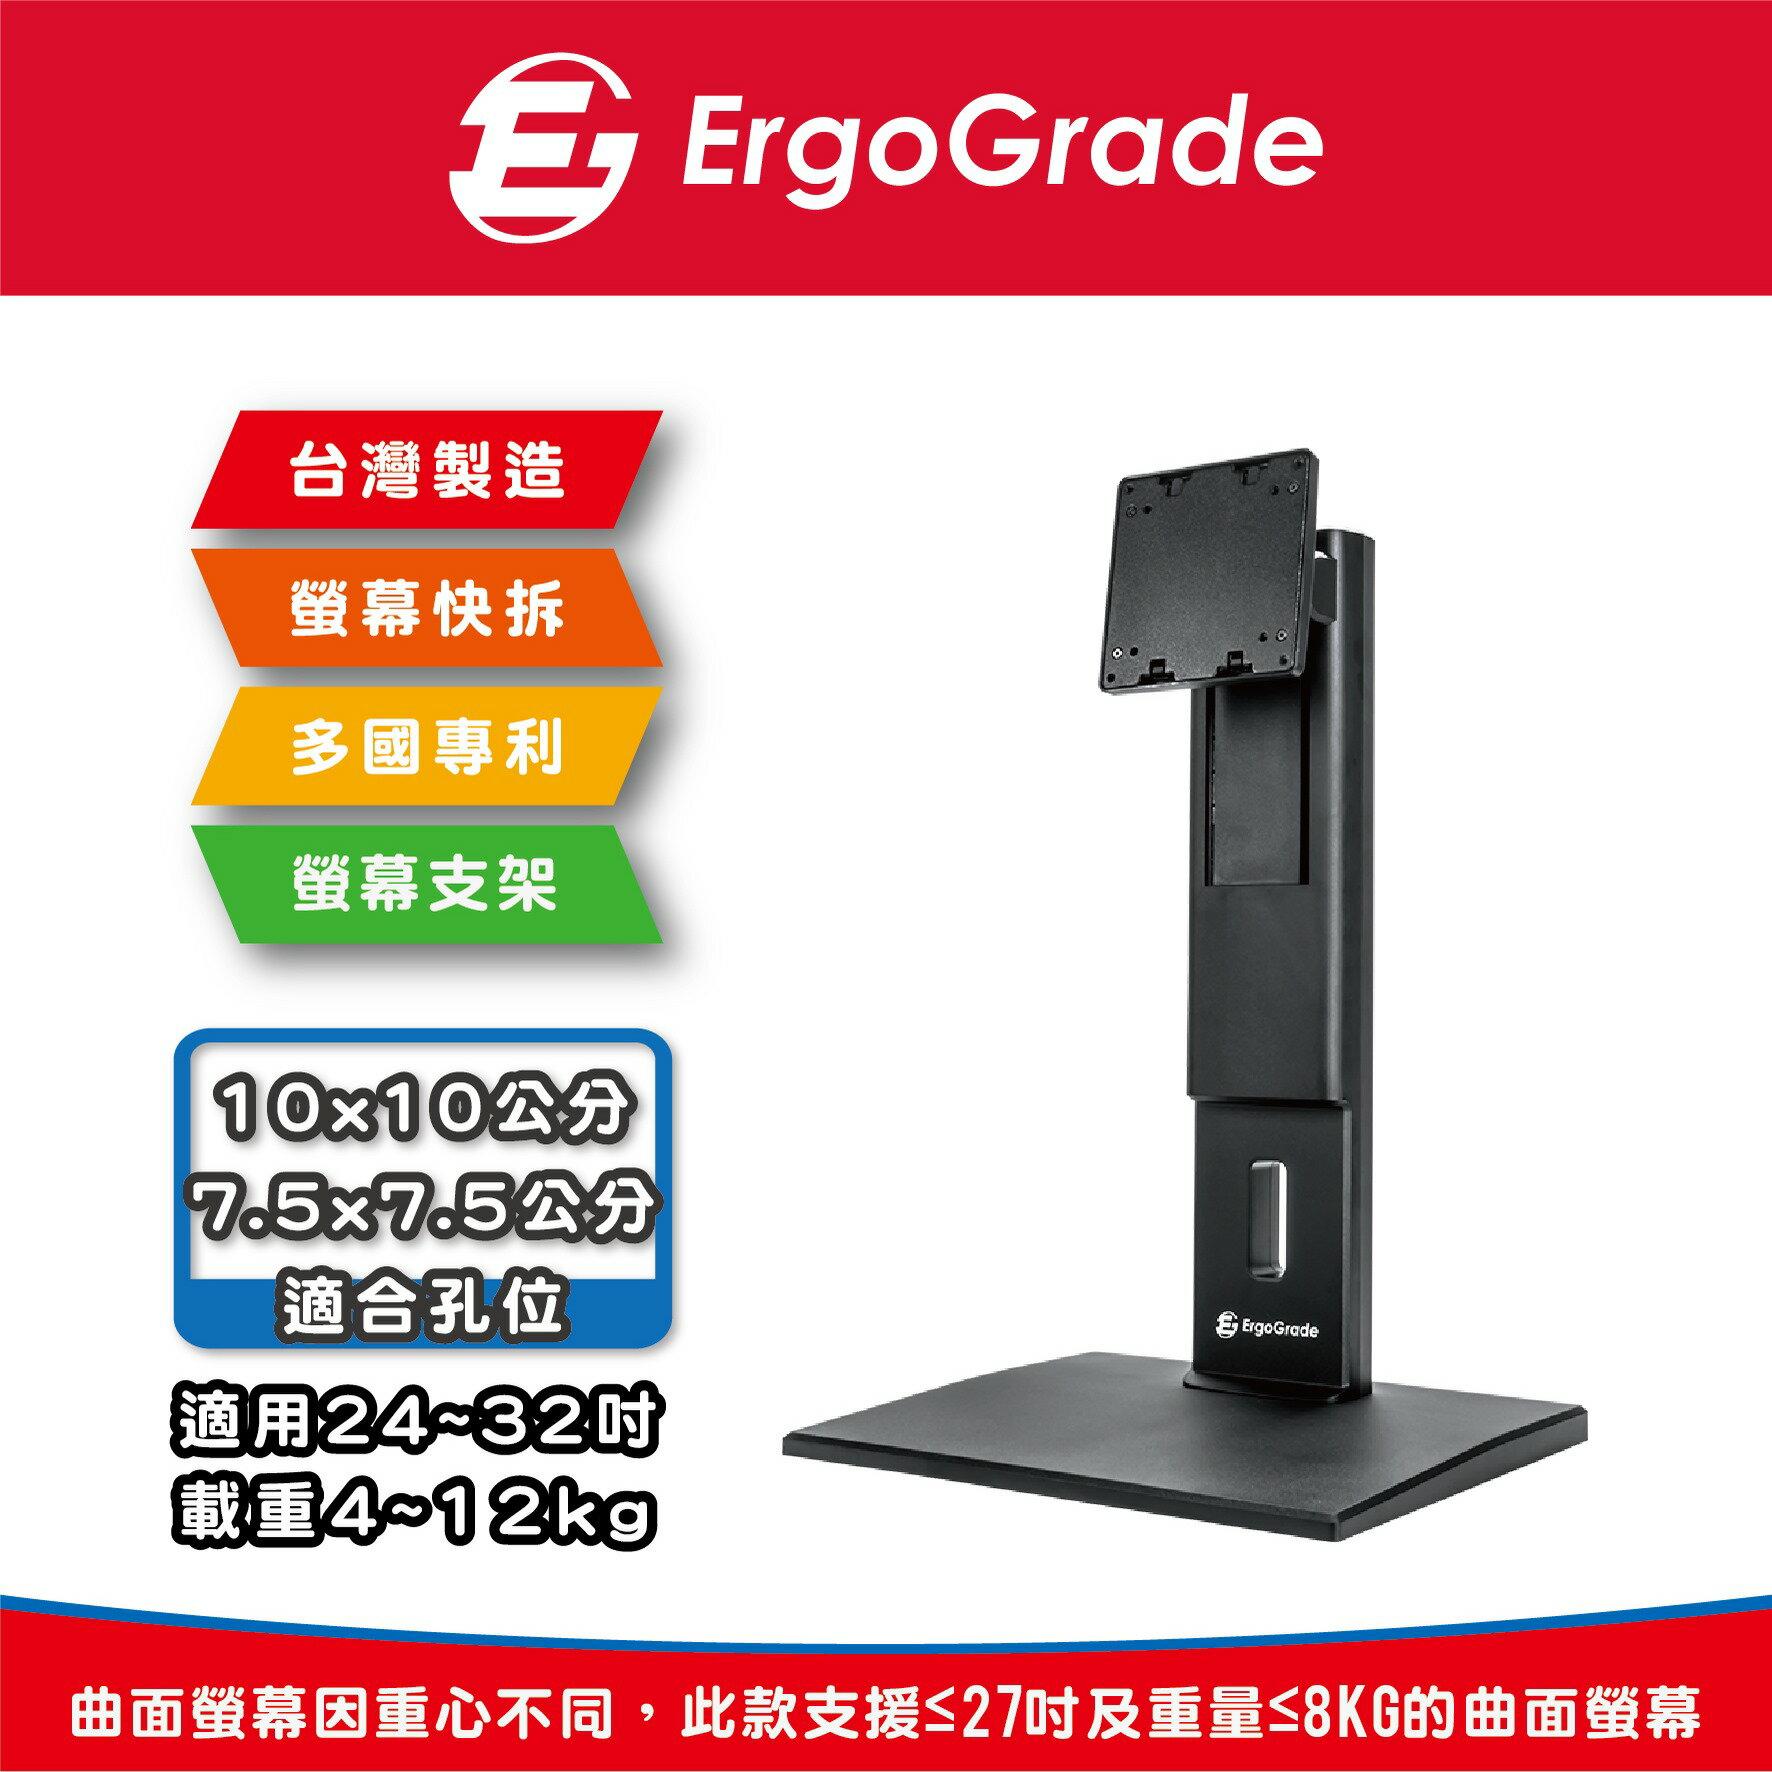 大載重旋轉升降螢幕支架(EGHA77QL黑色)/桌上型/支架/升降增高可調/旋轉